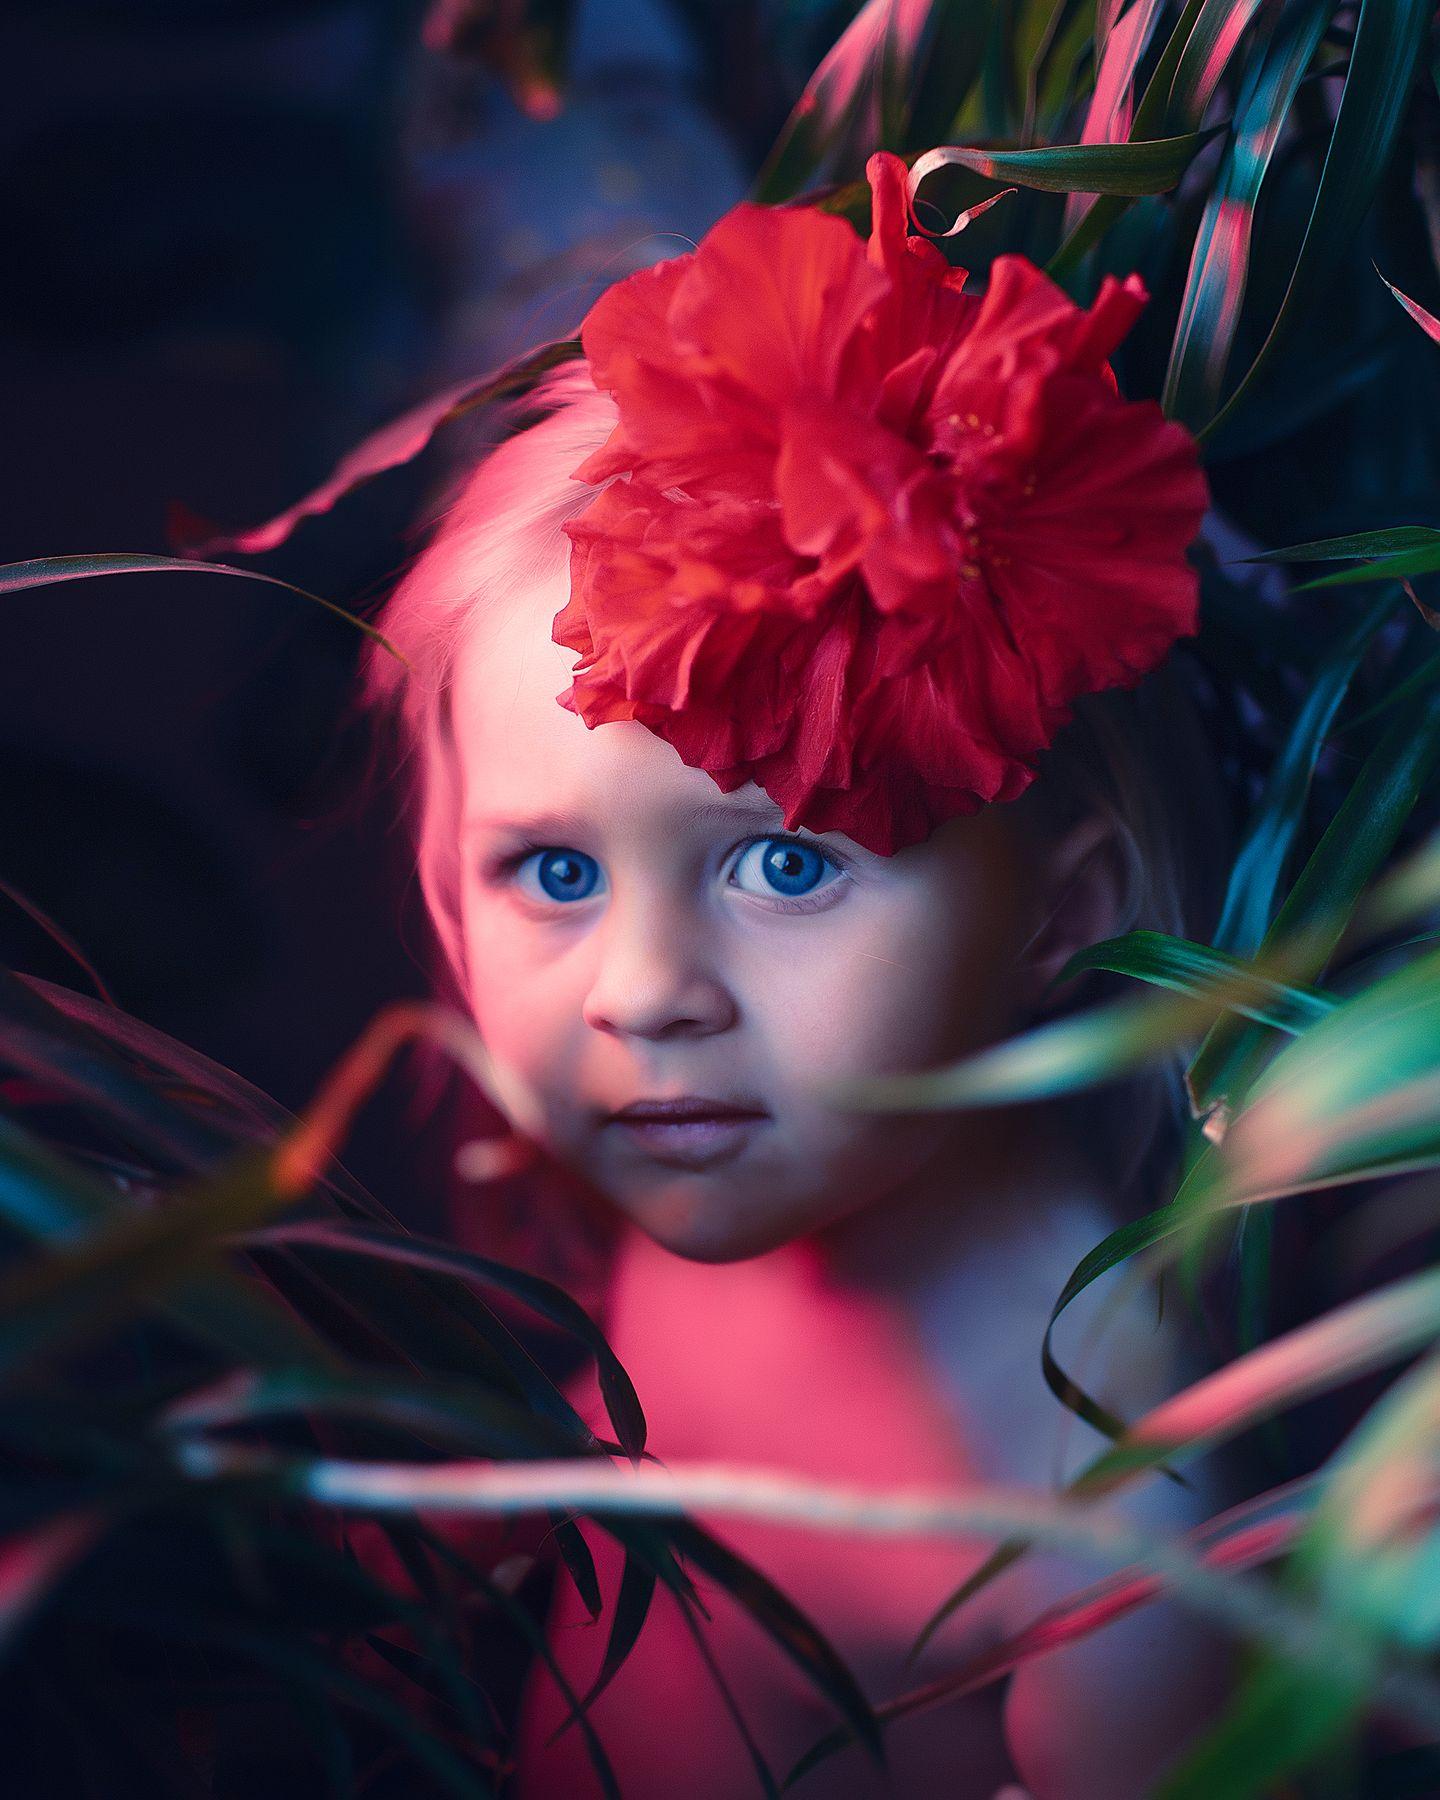 Книга джунглей девочка цветок джунгли красный синий глаза